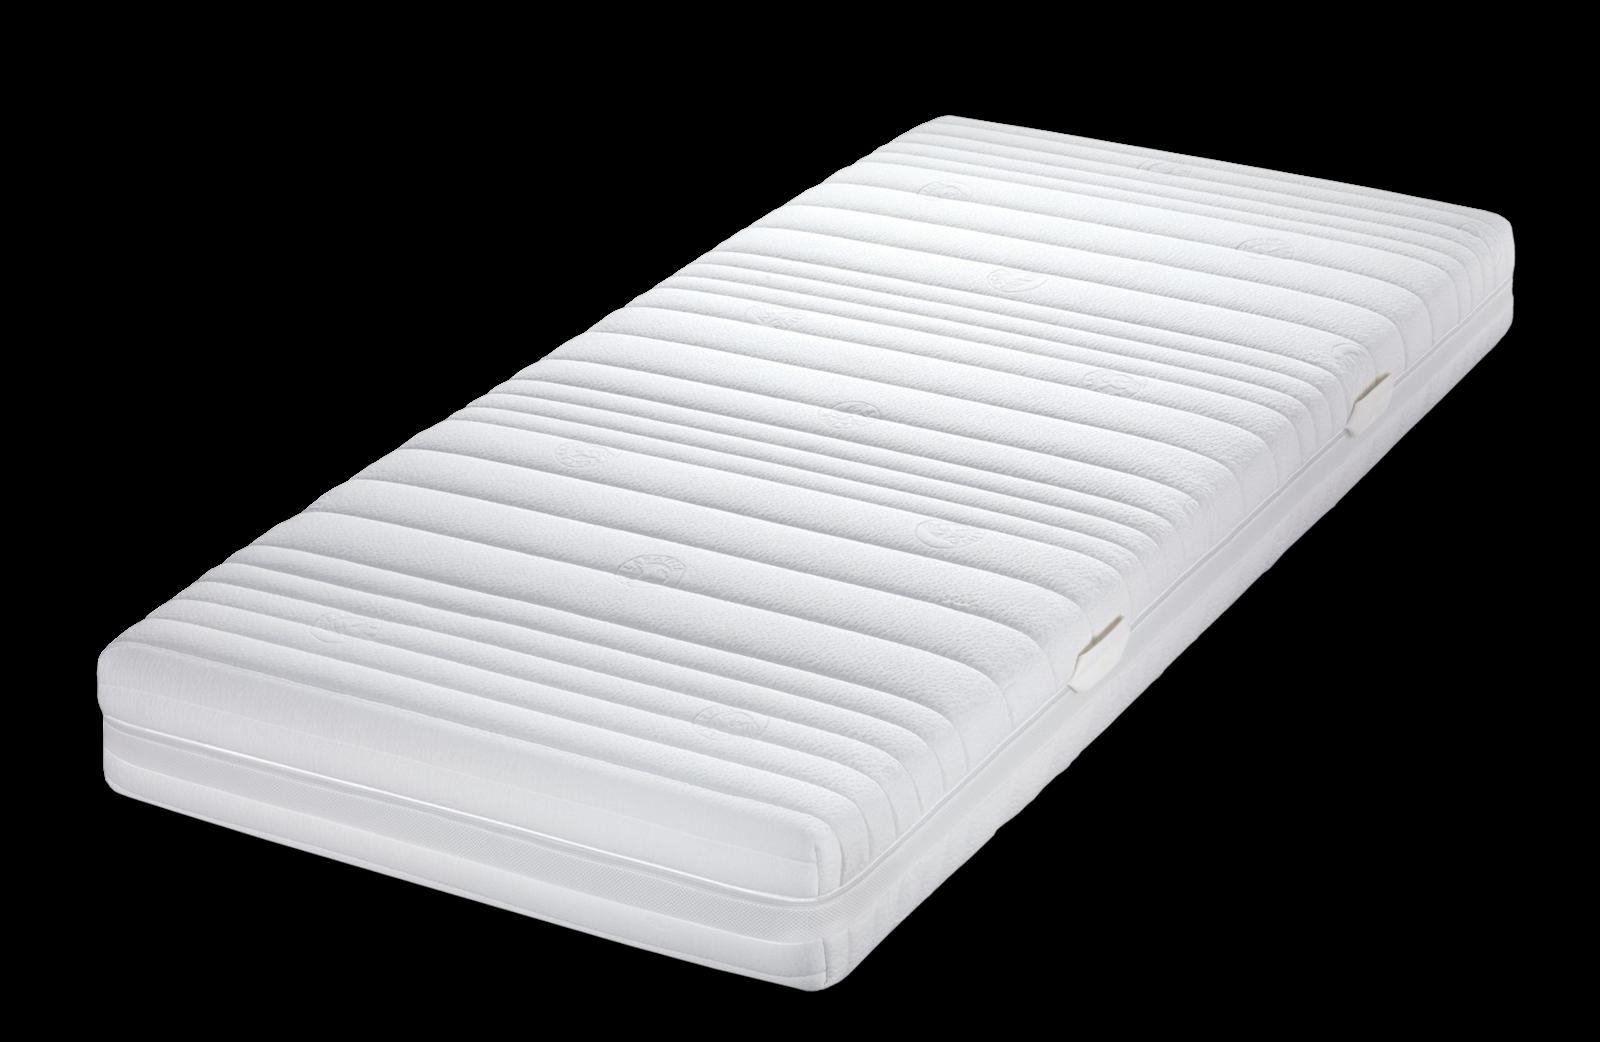 gigant 500 bultex kaltschaum matratze schlaraffia 160x200 cm h4 matratzen nach gr e 160 x 200cm. Black Bedroom Furniture Sets. Home Design Ideas